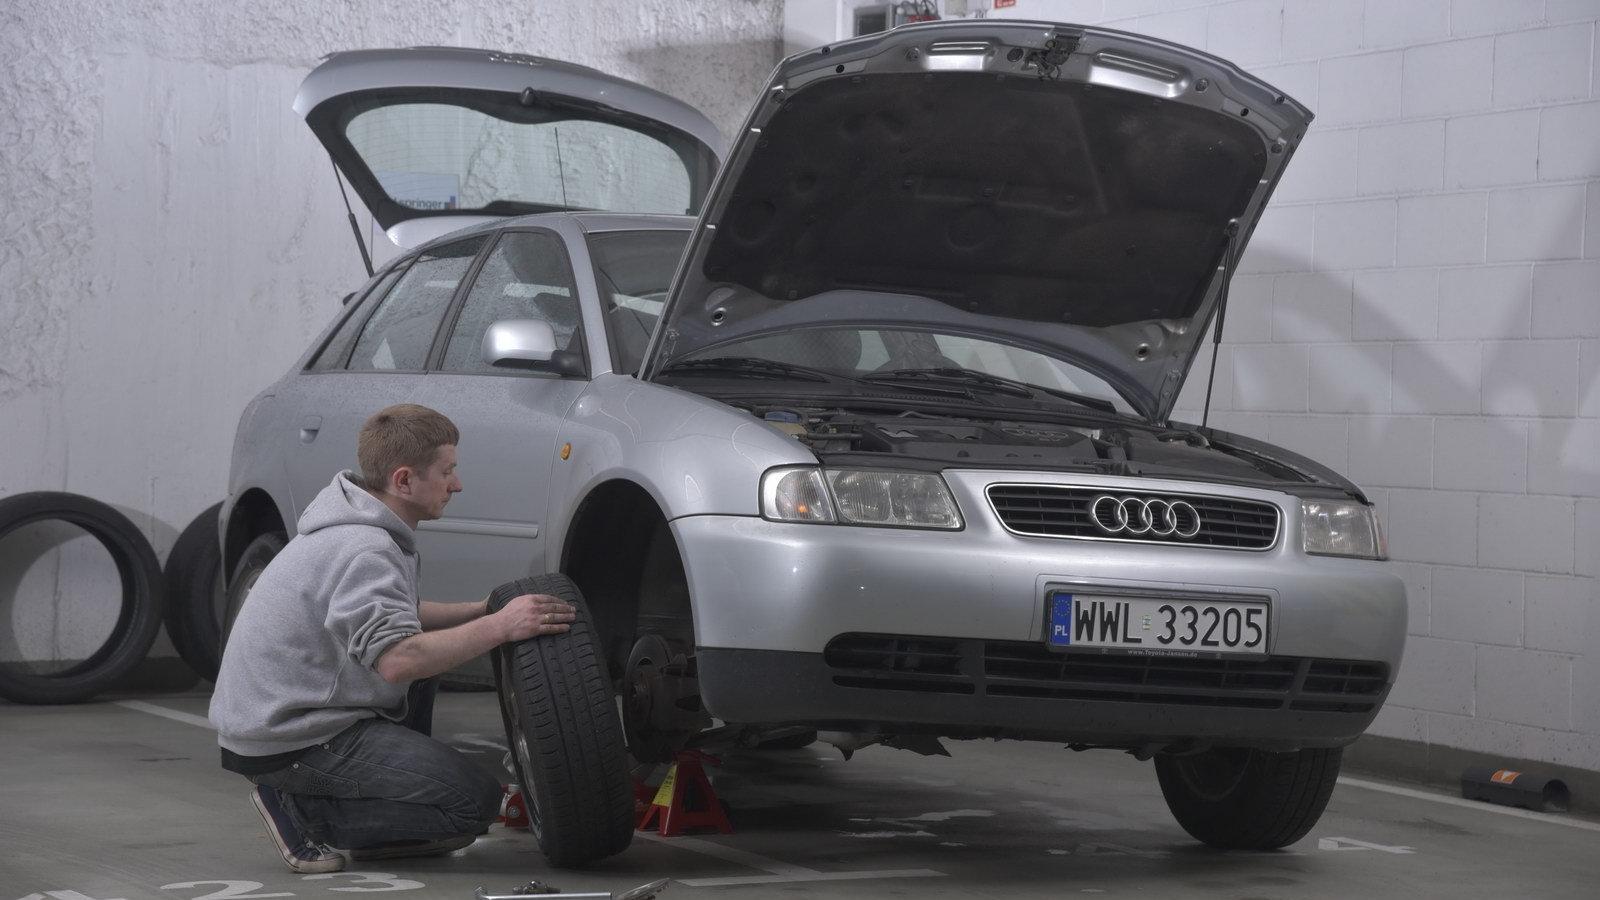 Samodzielnie Serwisujemy Audi A3 I 18